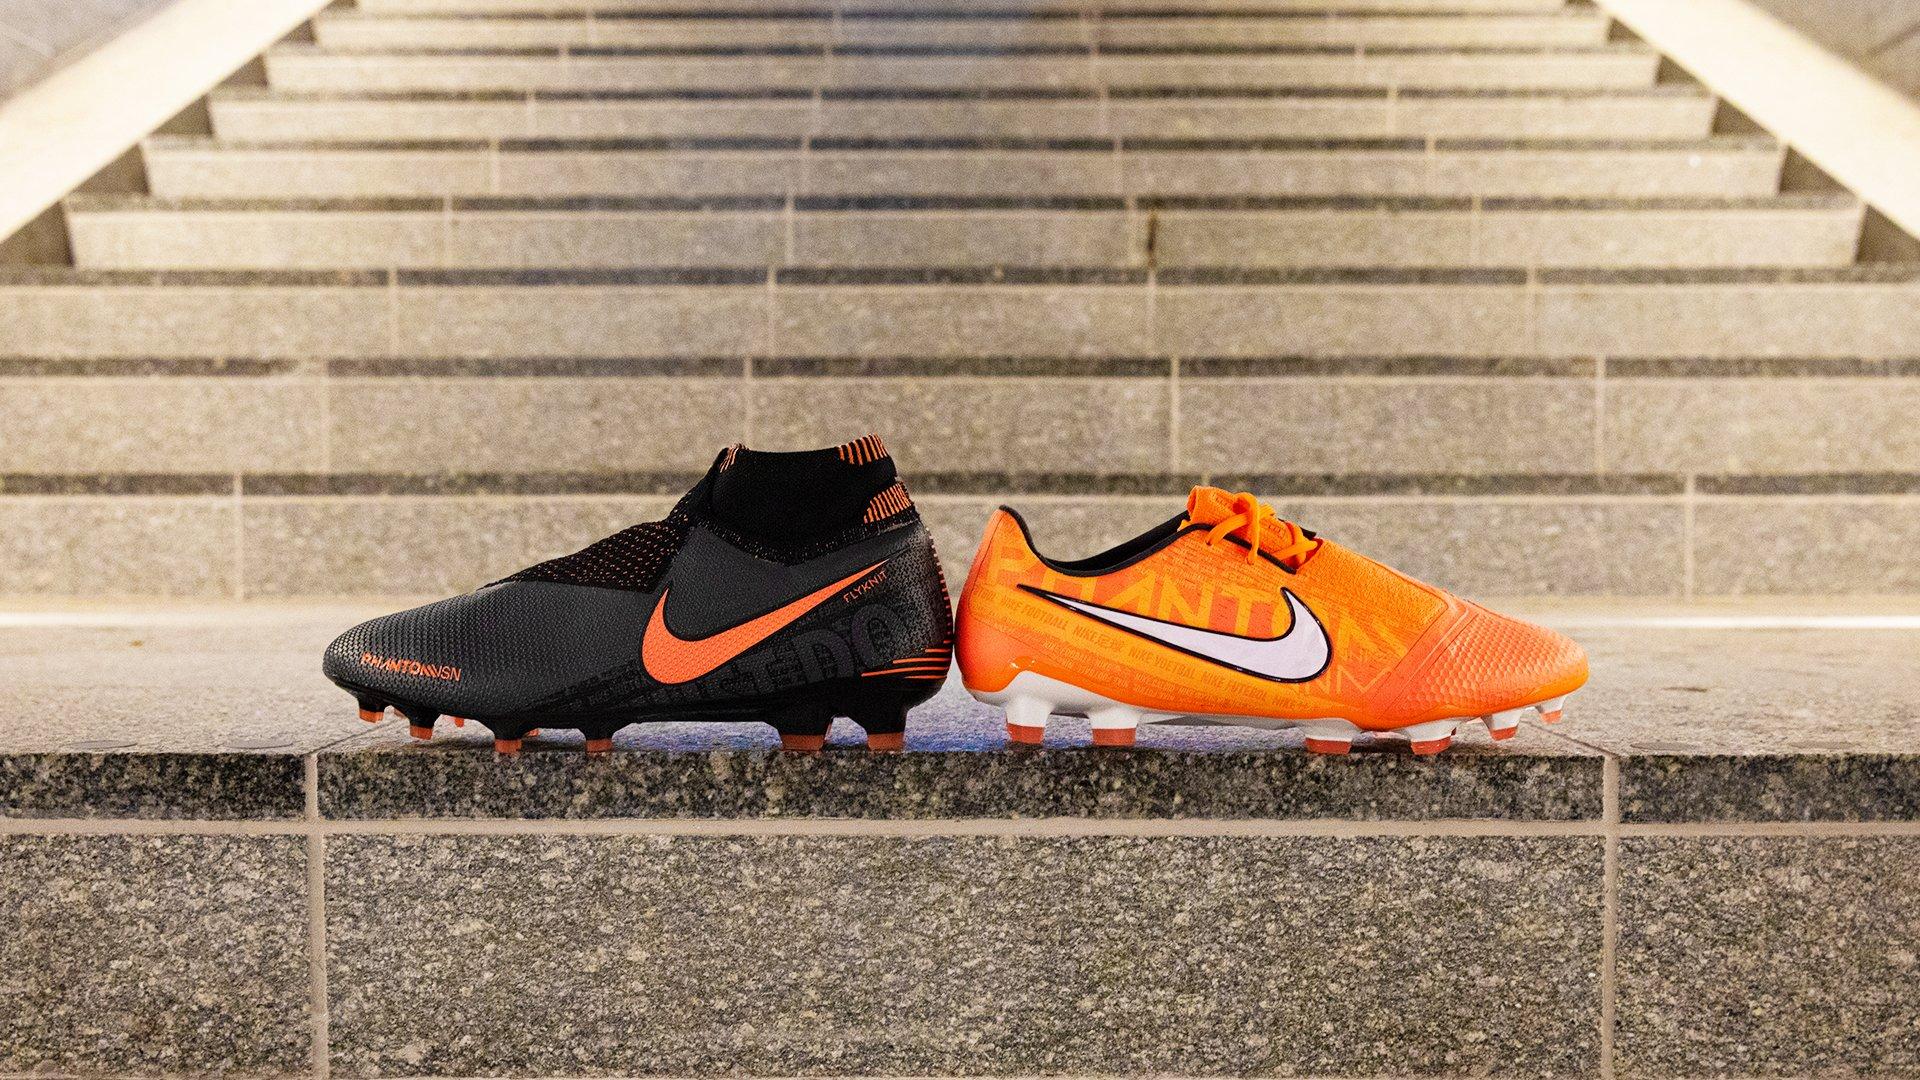 Nike PhantomVSN Gold△   Les mer om de nye fotballskoene  